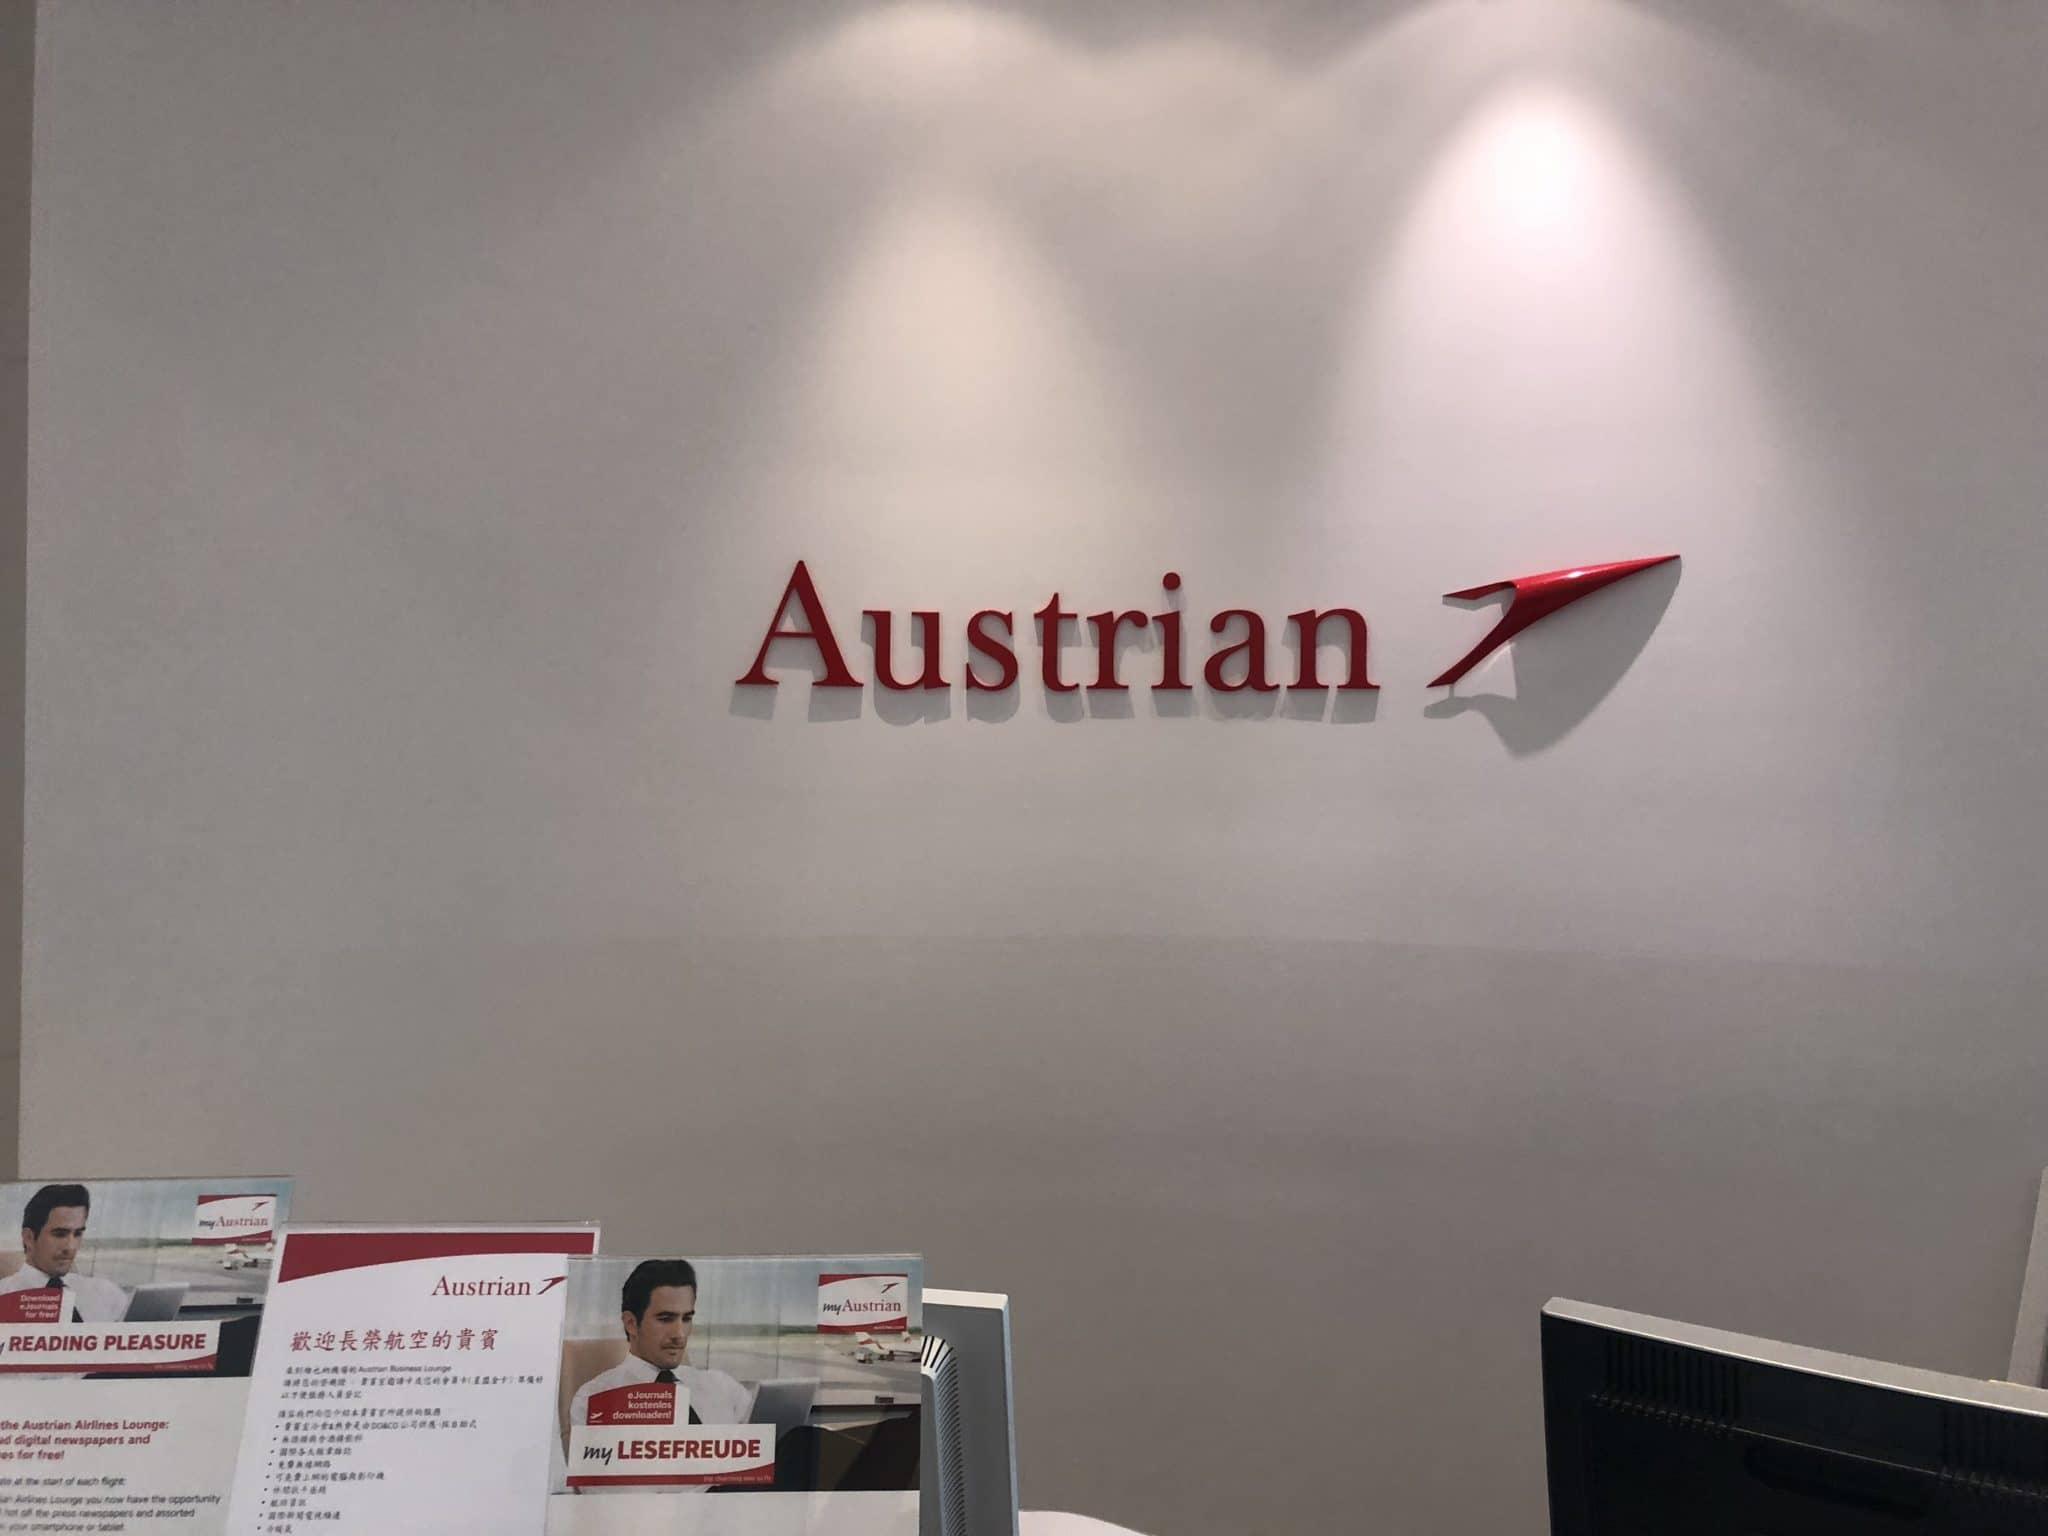 Austrian Airlines Business Class Lounge Wien Terminal D Eingangsbereich Austrian Airlines